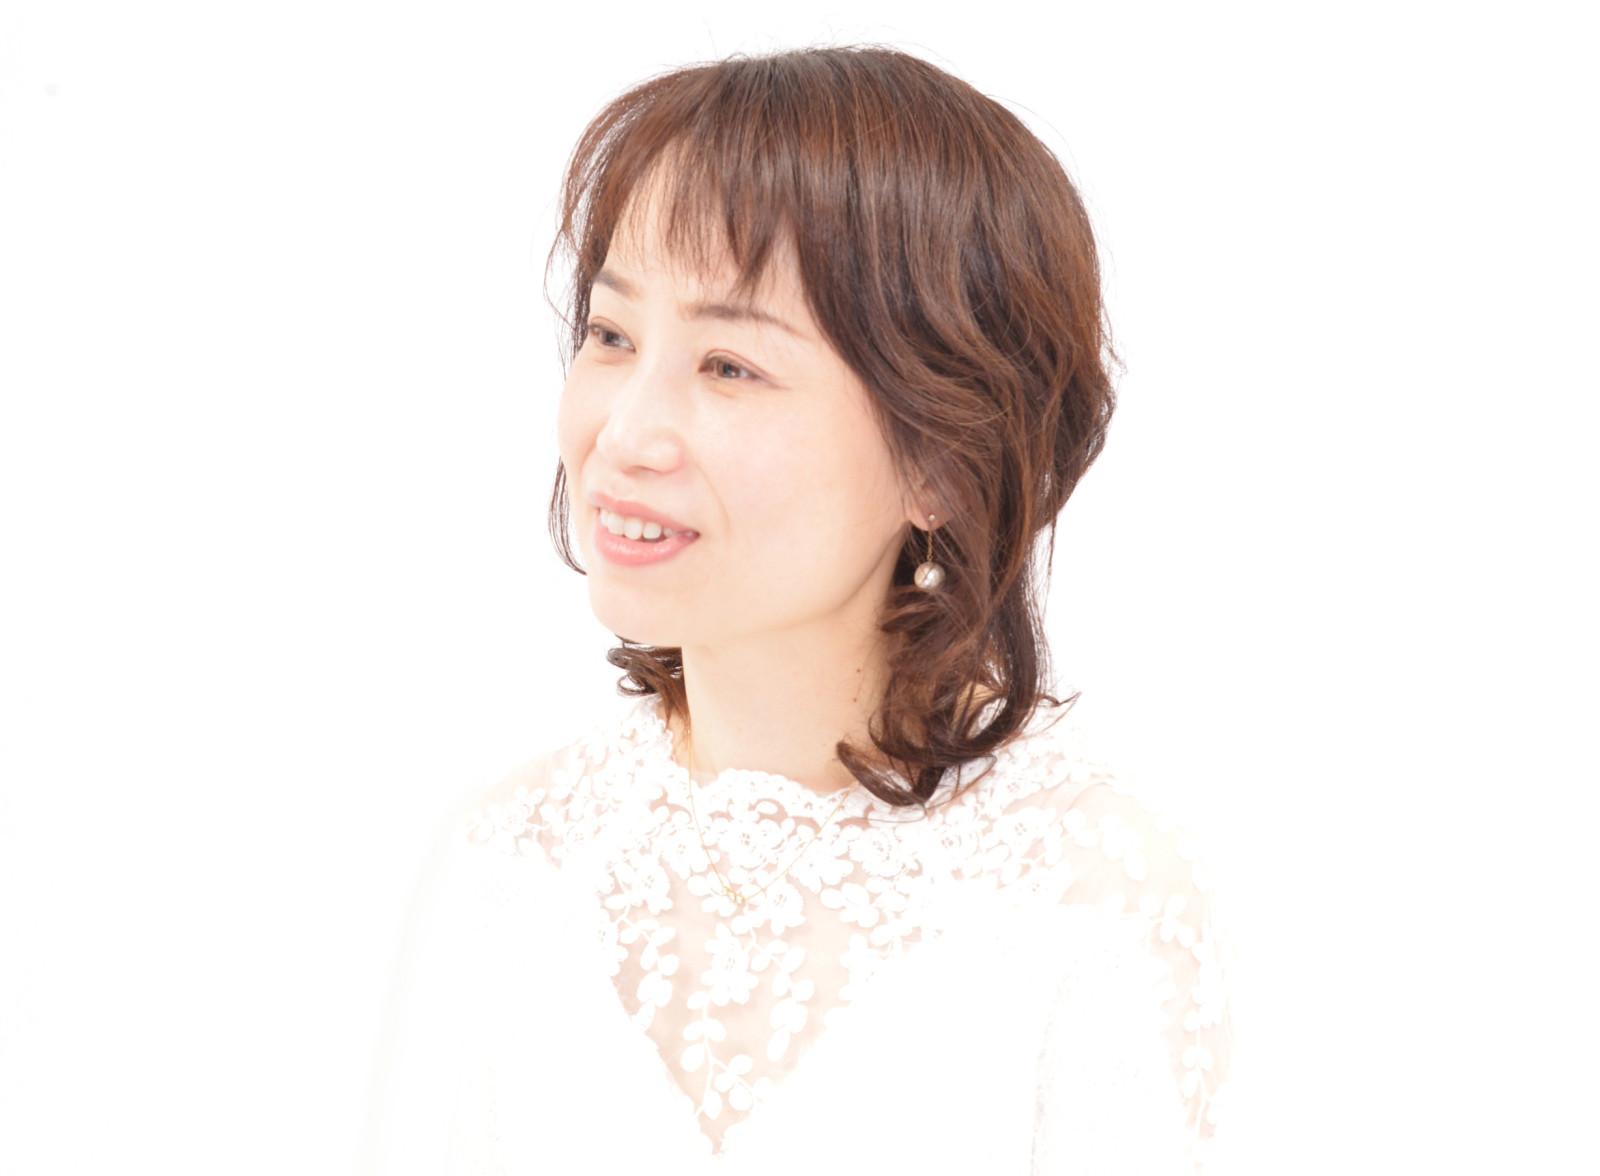 micuri_profileph2